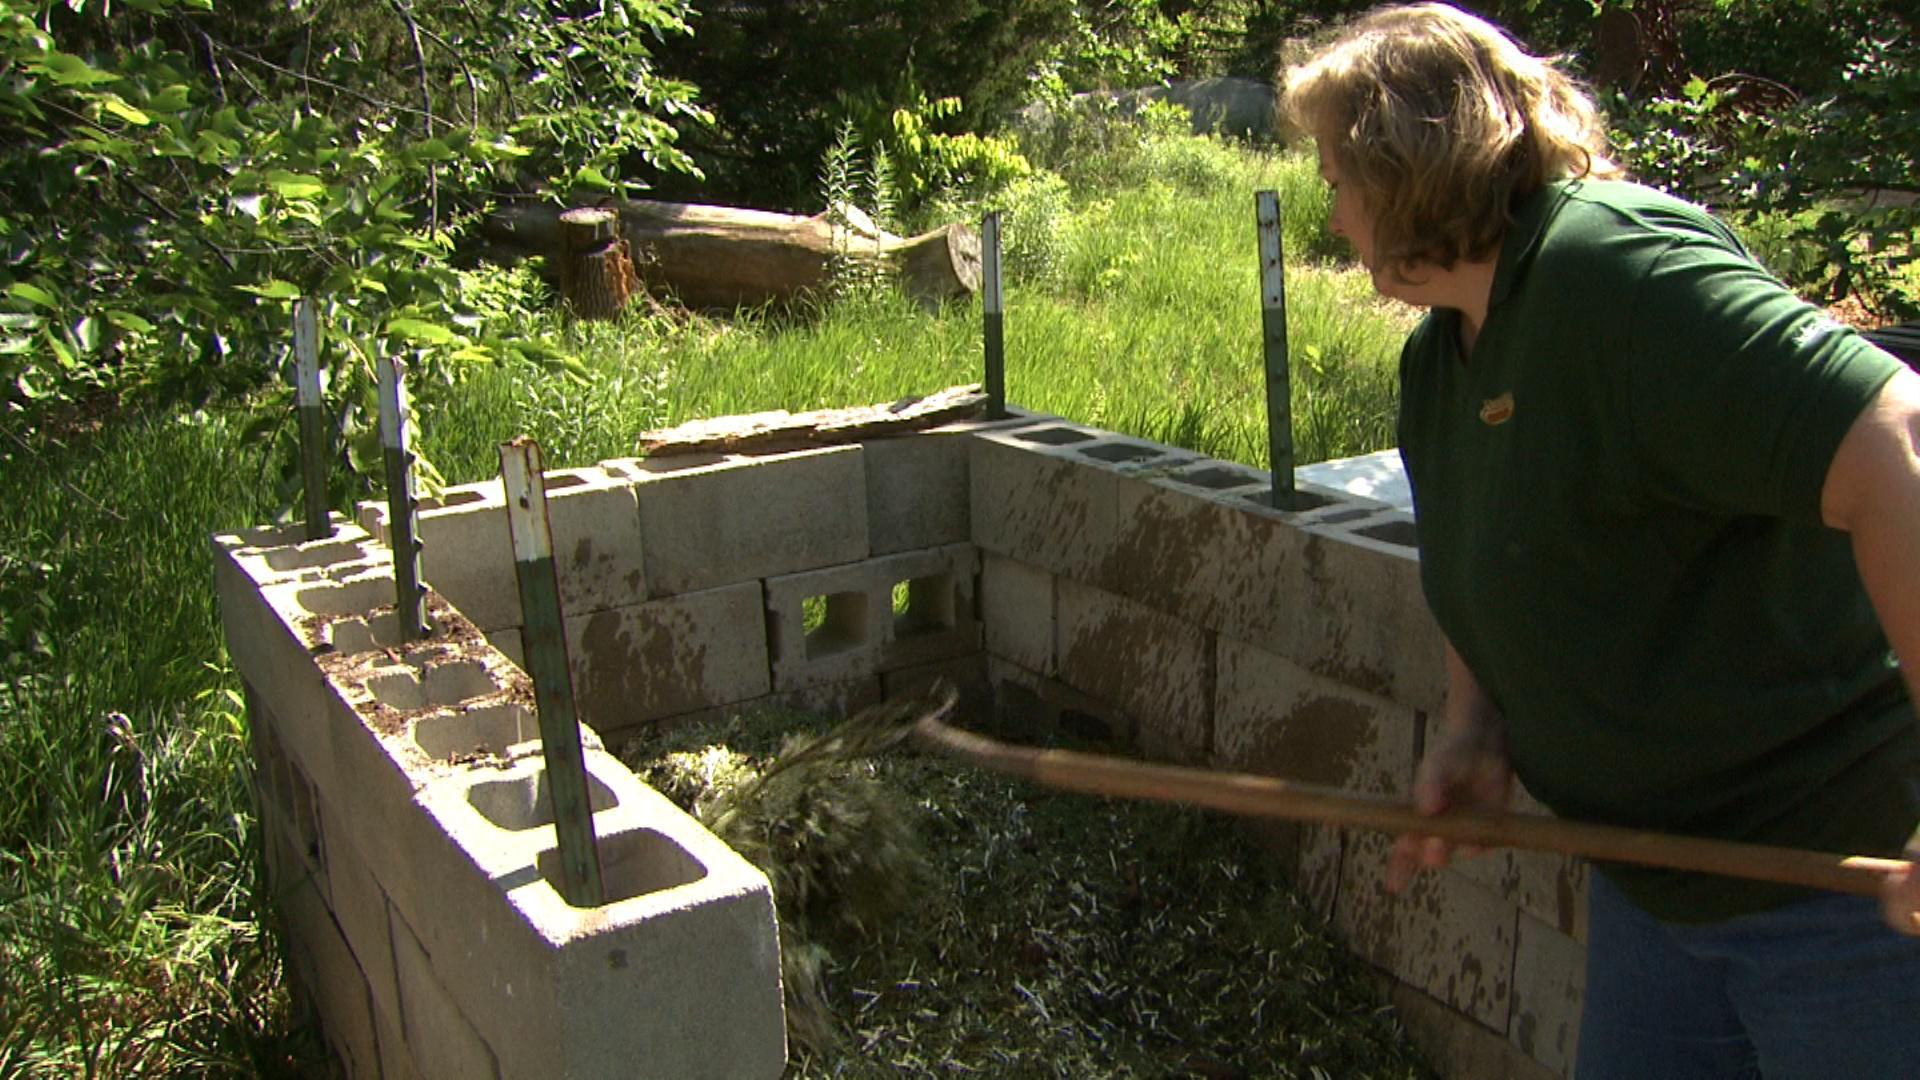 video 2012 pledge special watch backyard farmer online